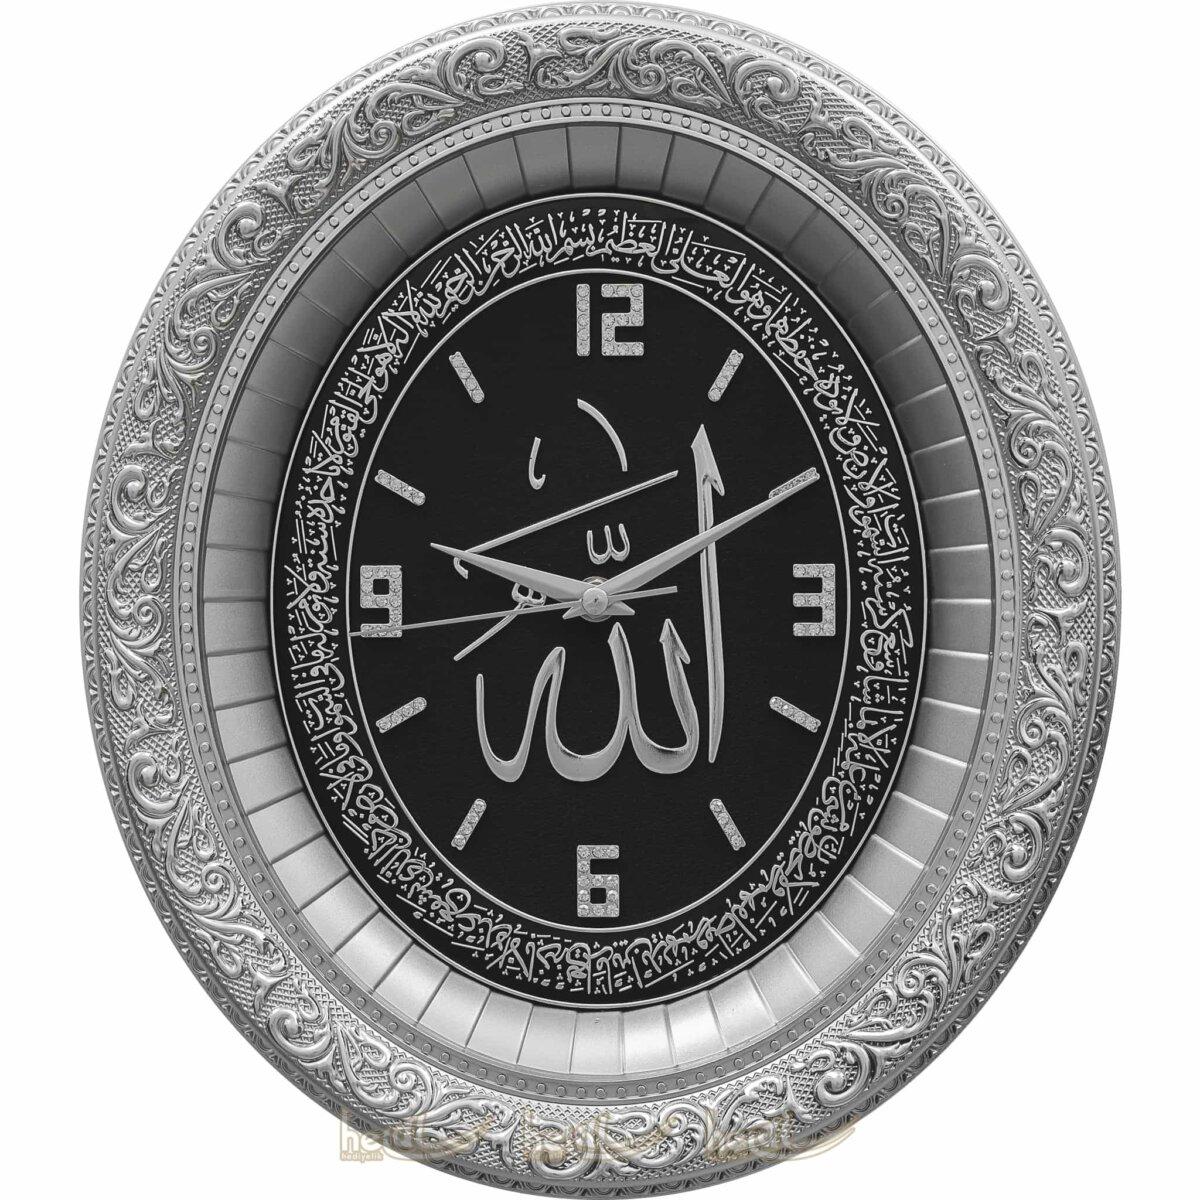 32x37cm Ayetel Kürsi ve Allah c.c. İsmi Celil Lafzlı Duvar ve Masa Üstü Saat Tablo 32x37cm Ayetel Kürsi ve Allah c.c. İsmi Celil Lafzlı Duvar ve Masa Üstü Saat Tablo